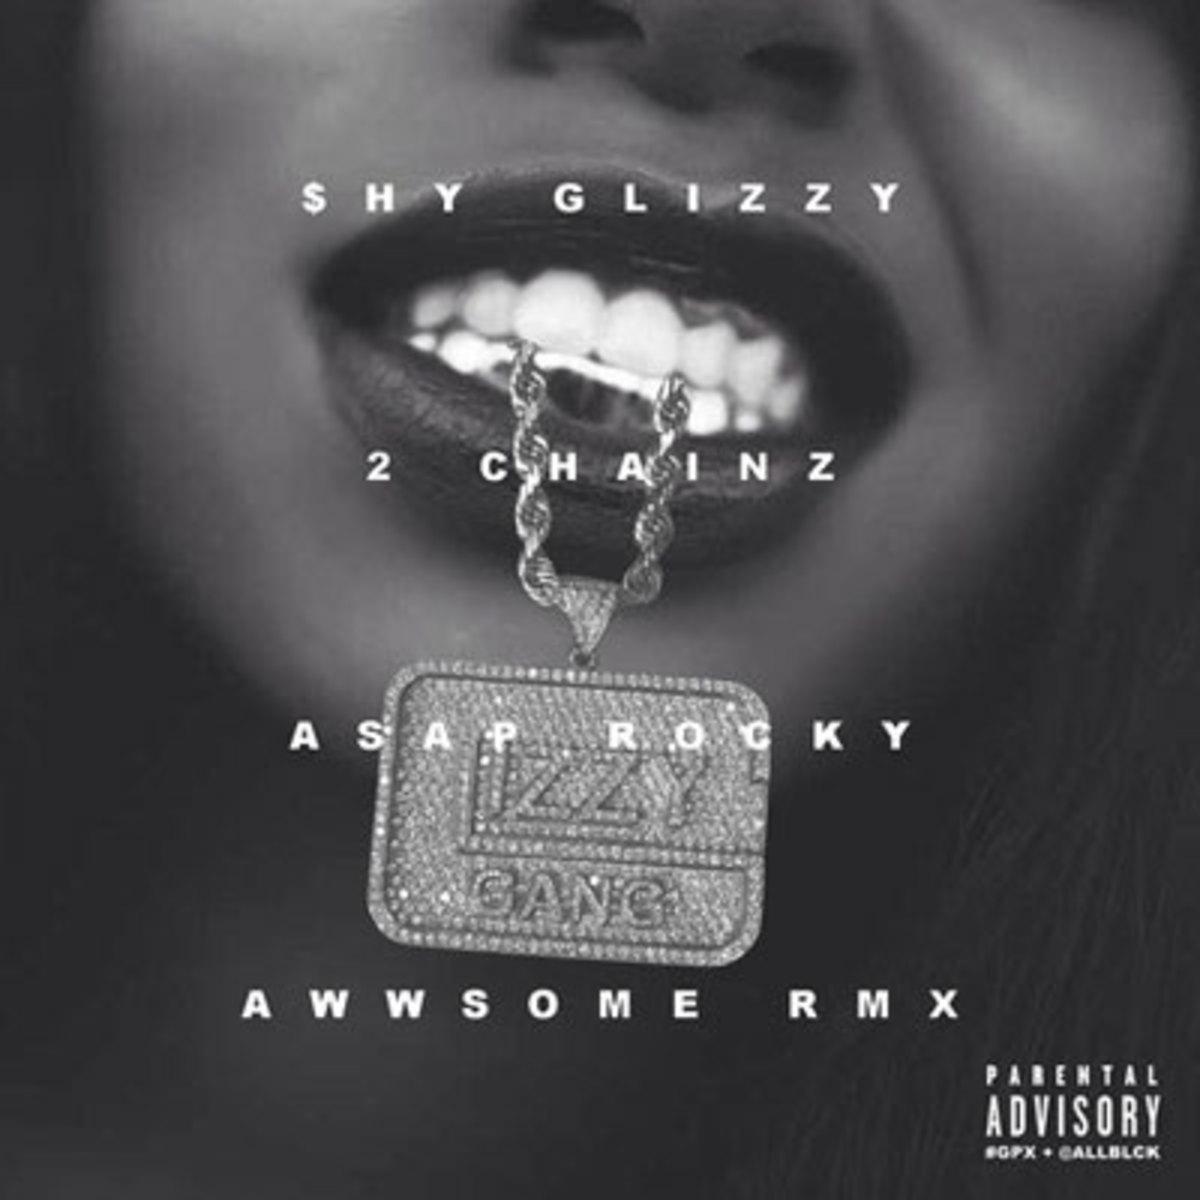 shyglizzy-awesomermx.jpg